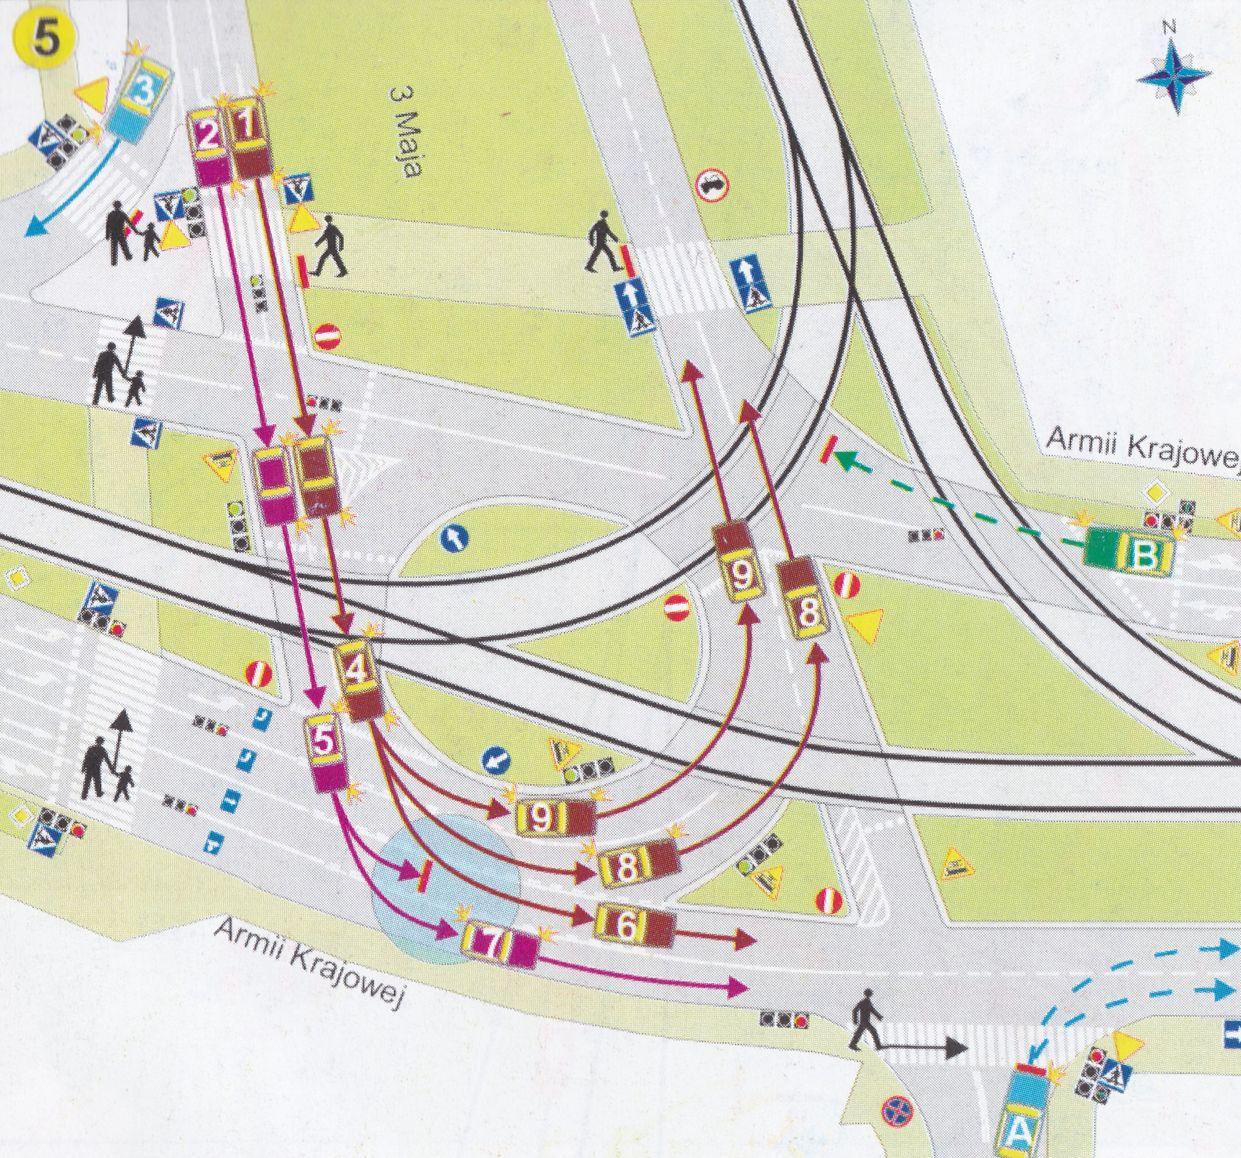 trasa-egzamin-prawo-jazdy-gdansk5